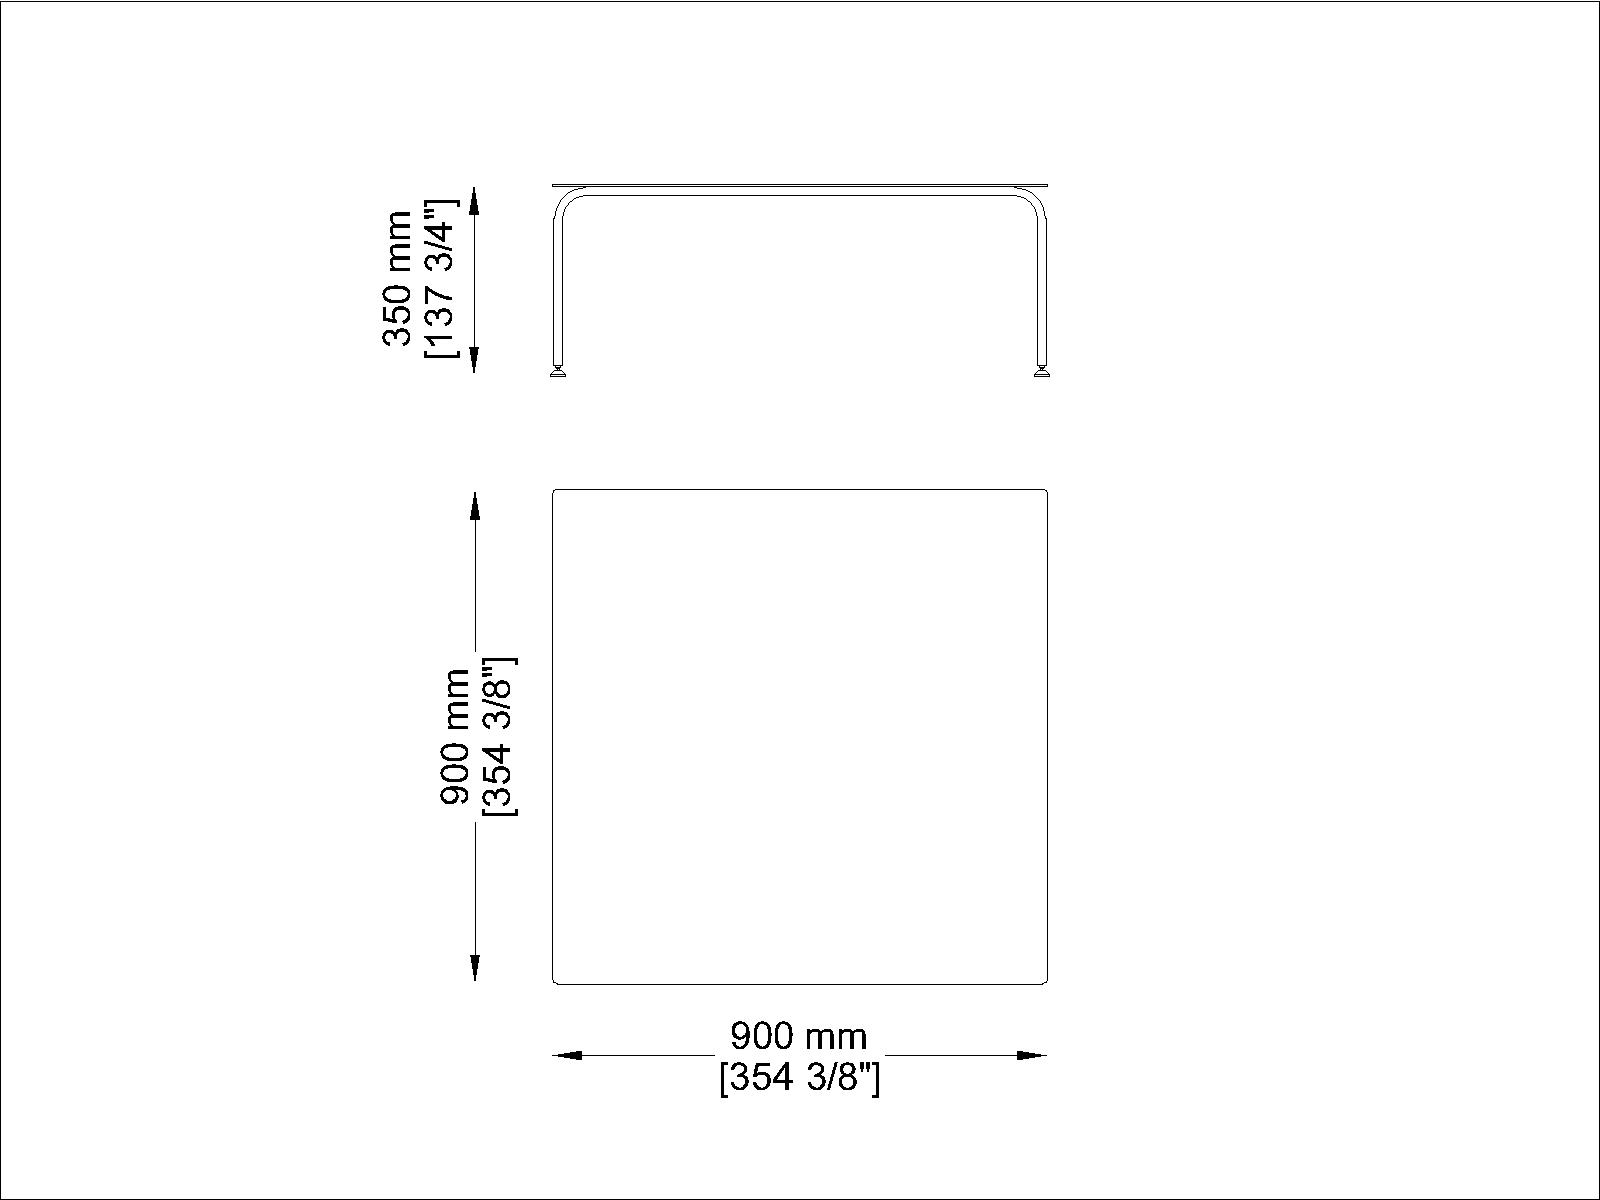 Coro Jubeae Tisch quadratisch 900 x 900 x 350 mm Rahmen Edelstahl satiniert oder pulverbeschichtet